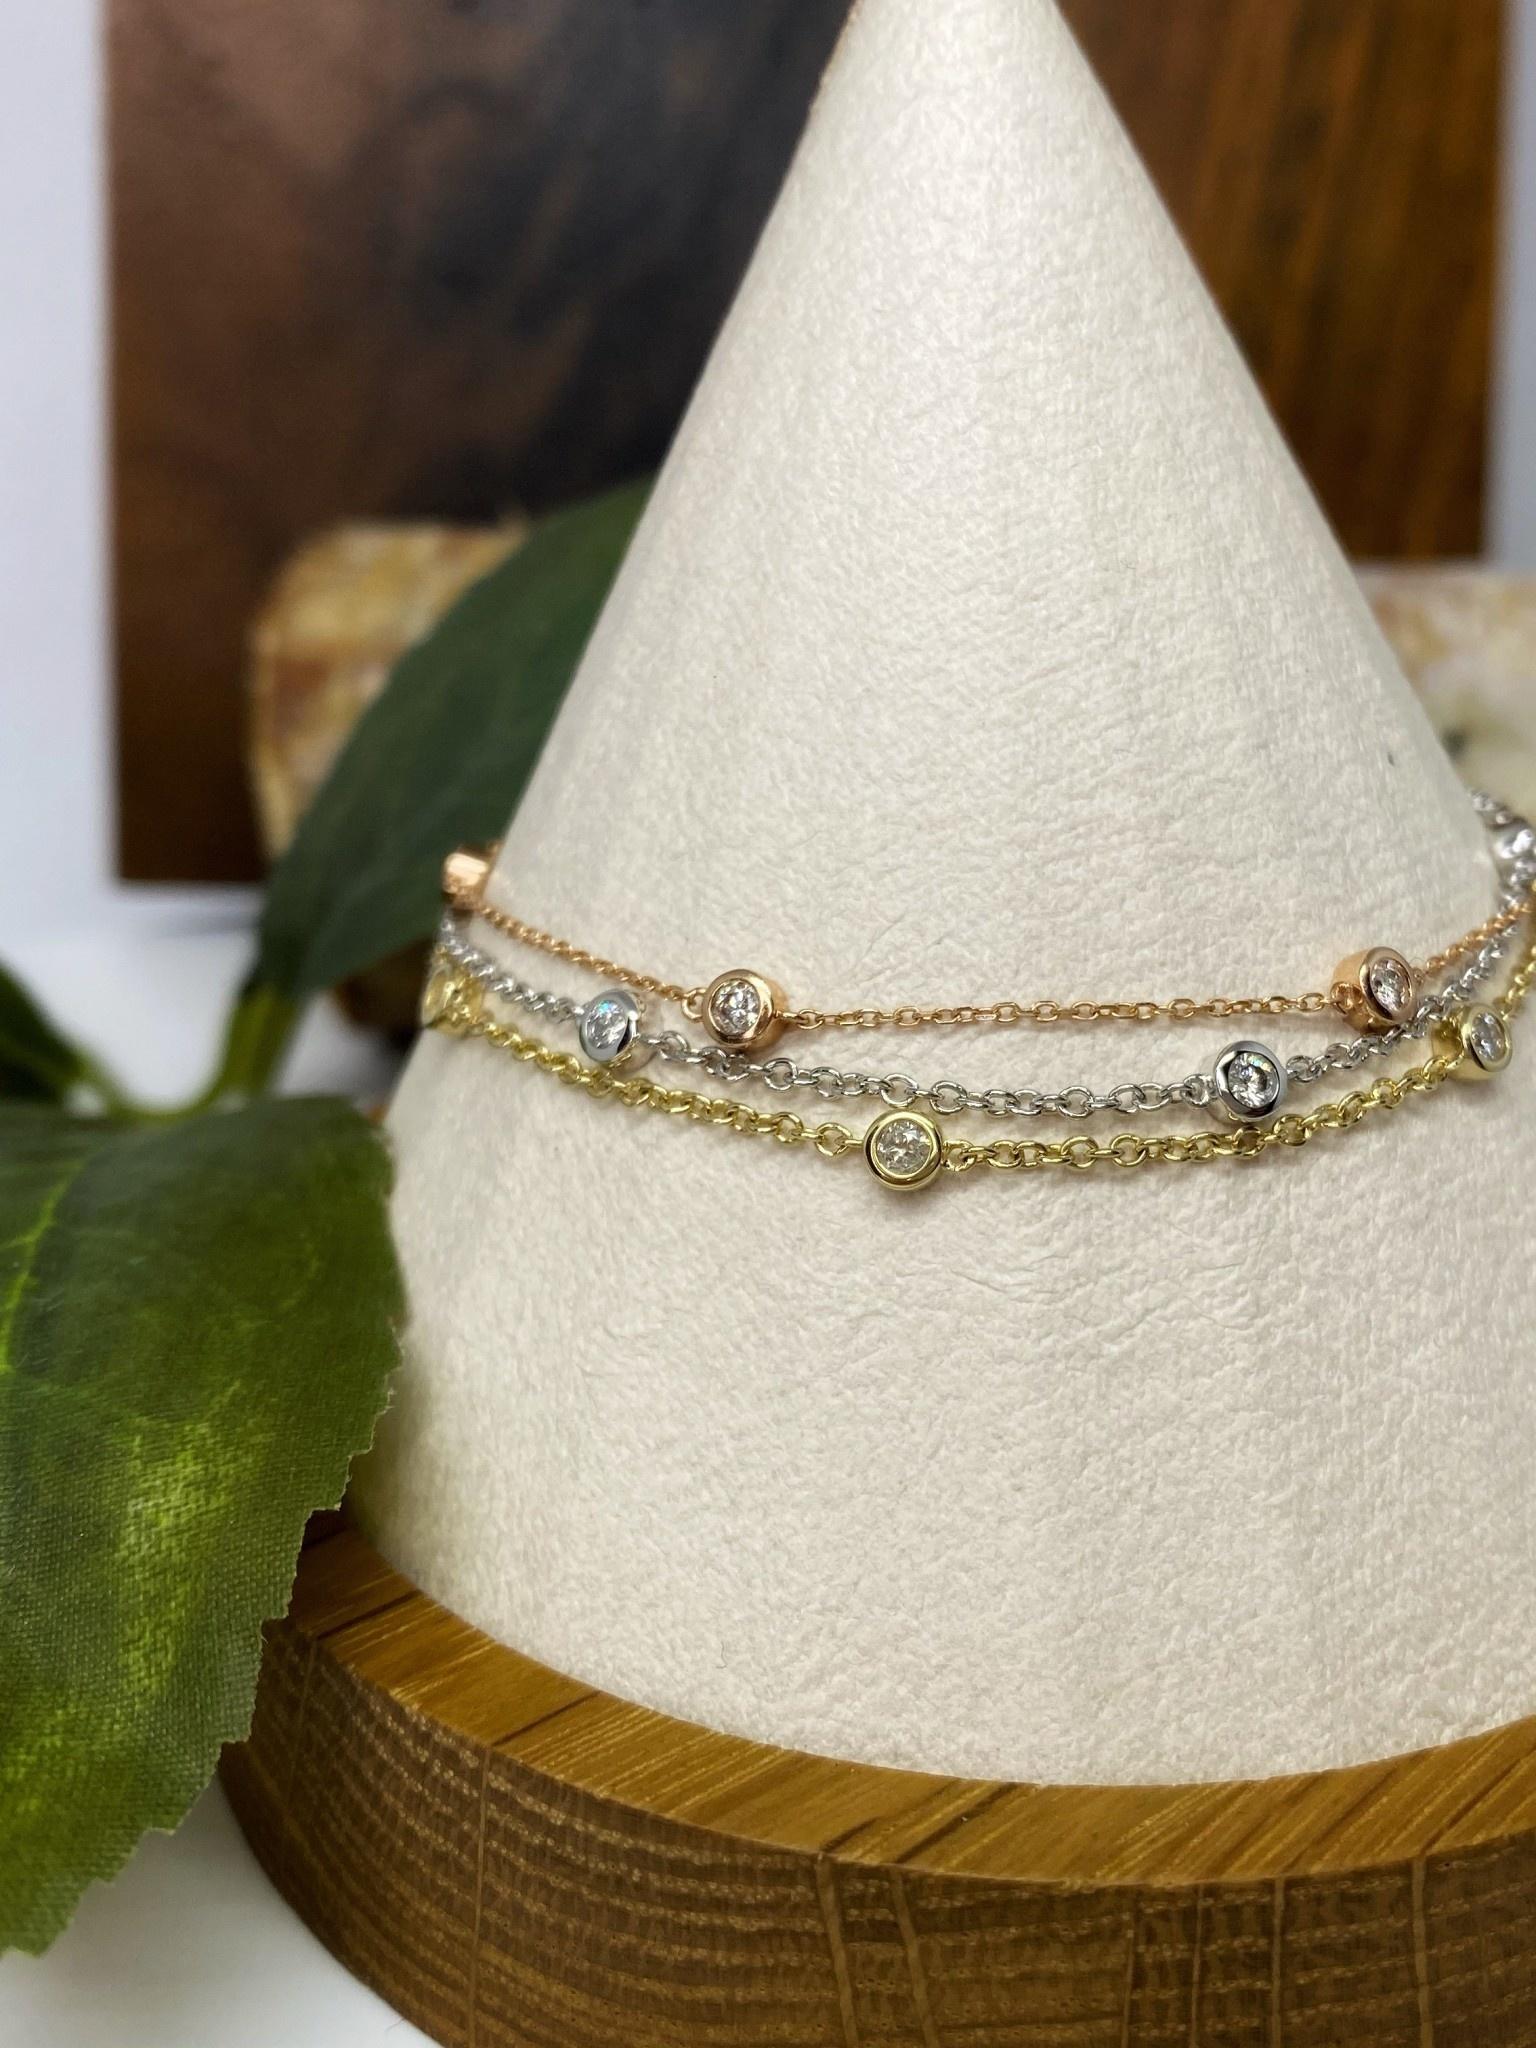 14K Yellow Gold Bezel Set Diamond Bracelet